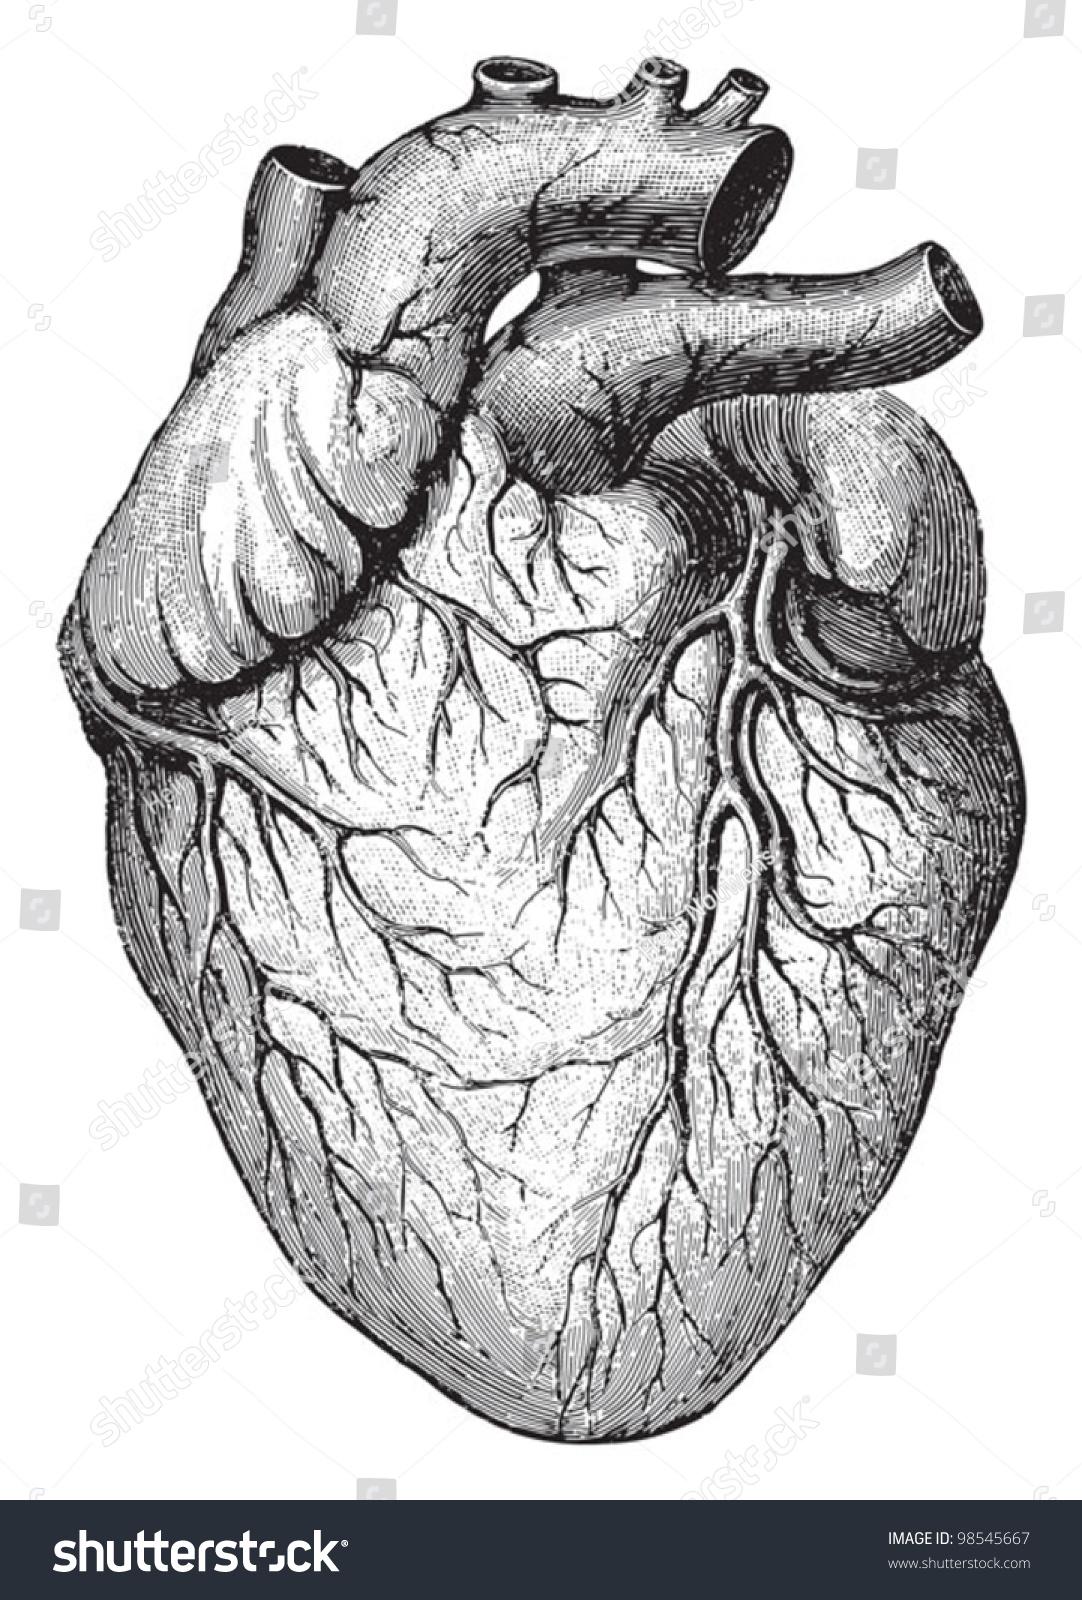 Human Heart Vintage Illustrations Die Frau Stock Vector 98545667 ...